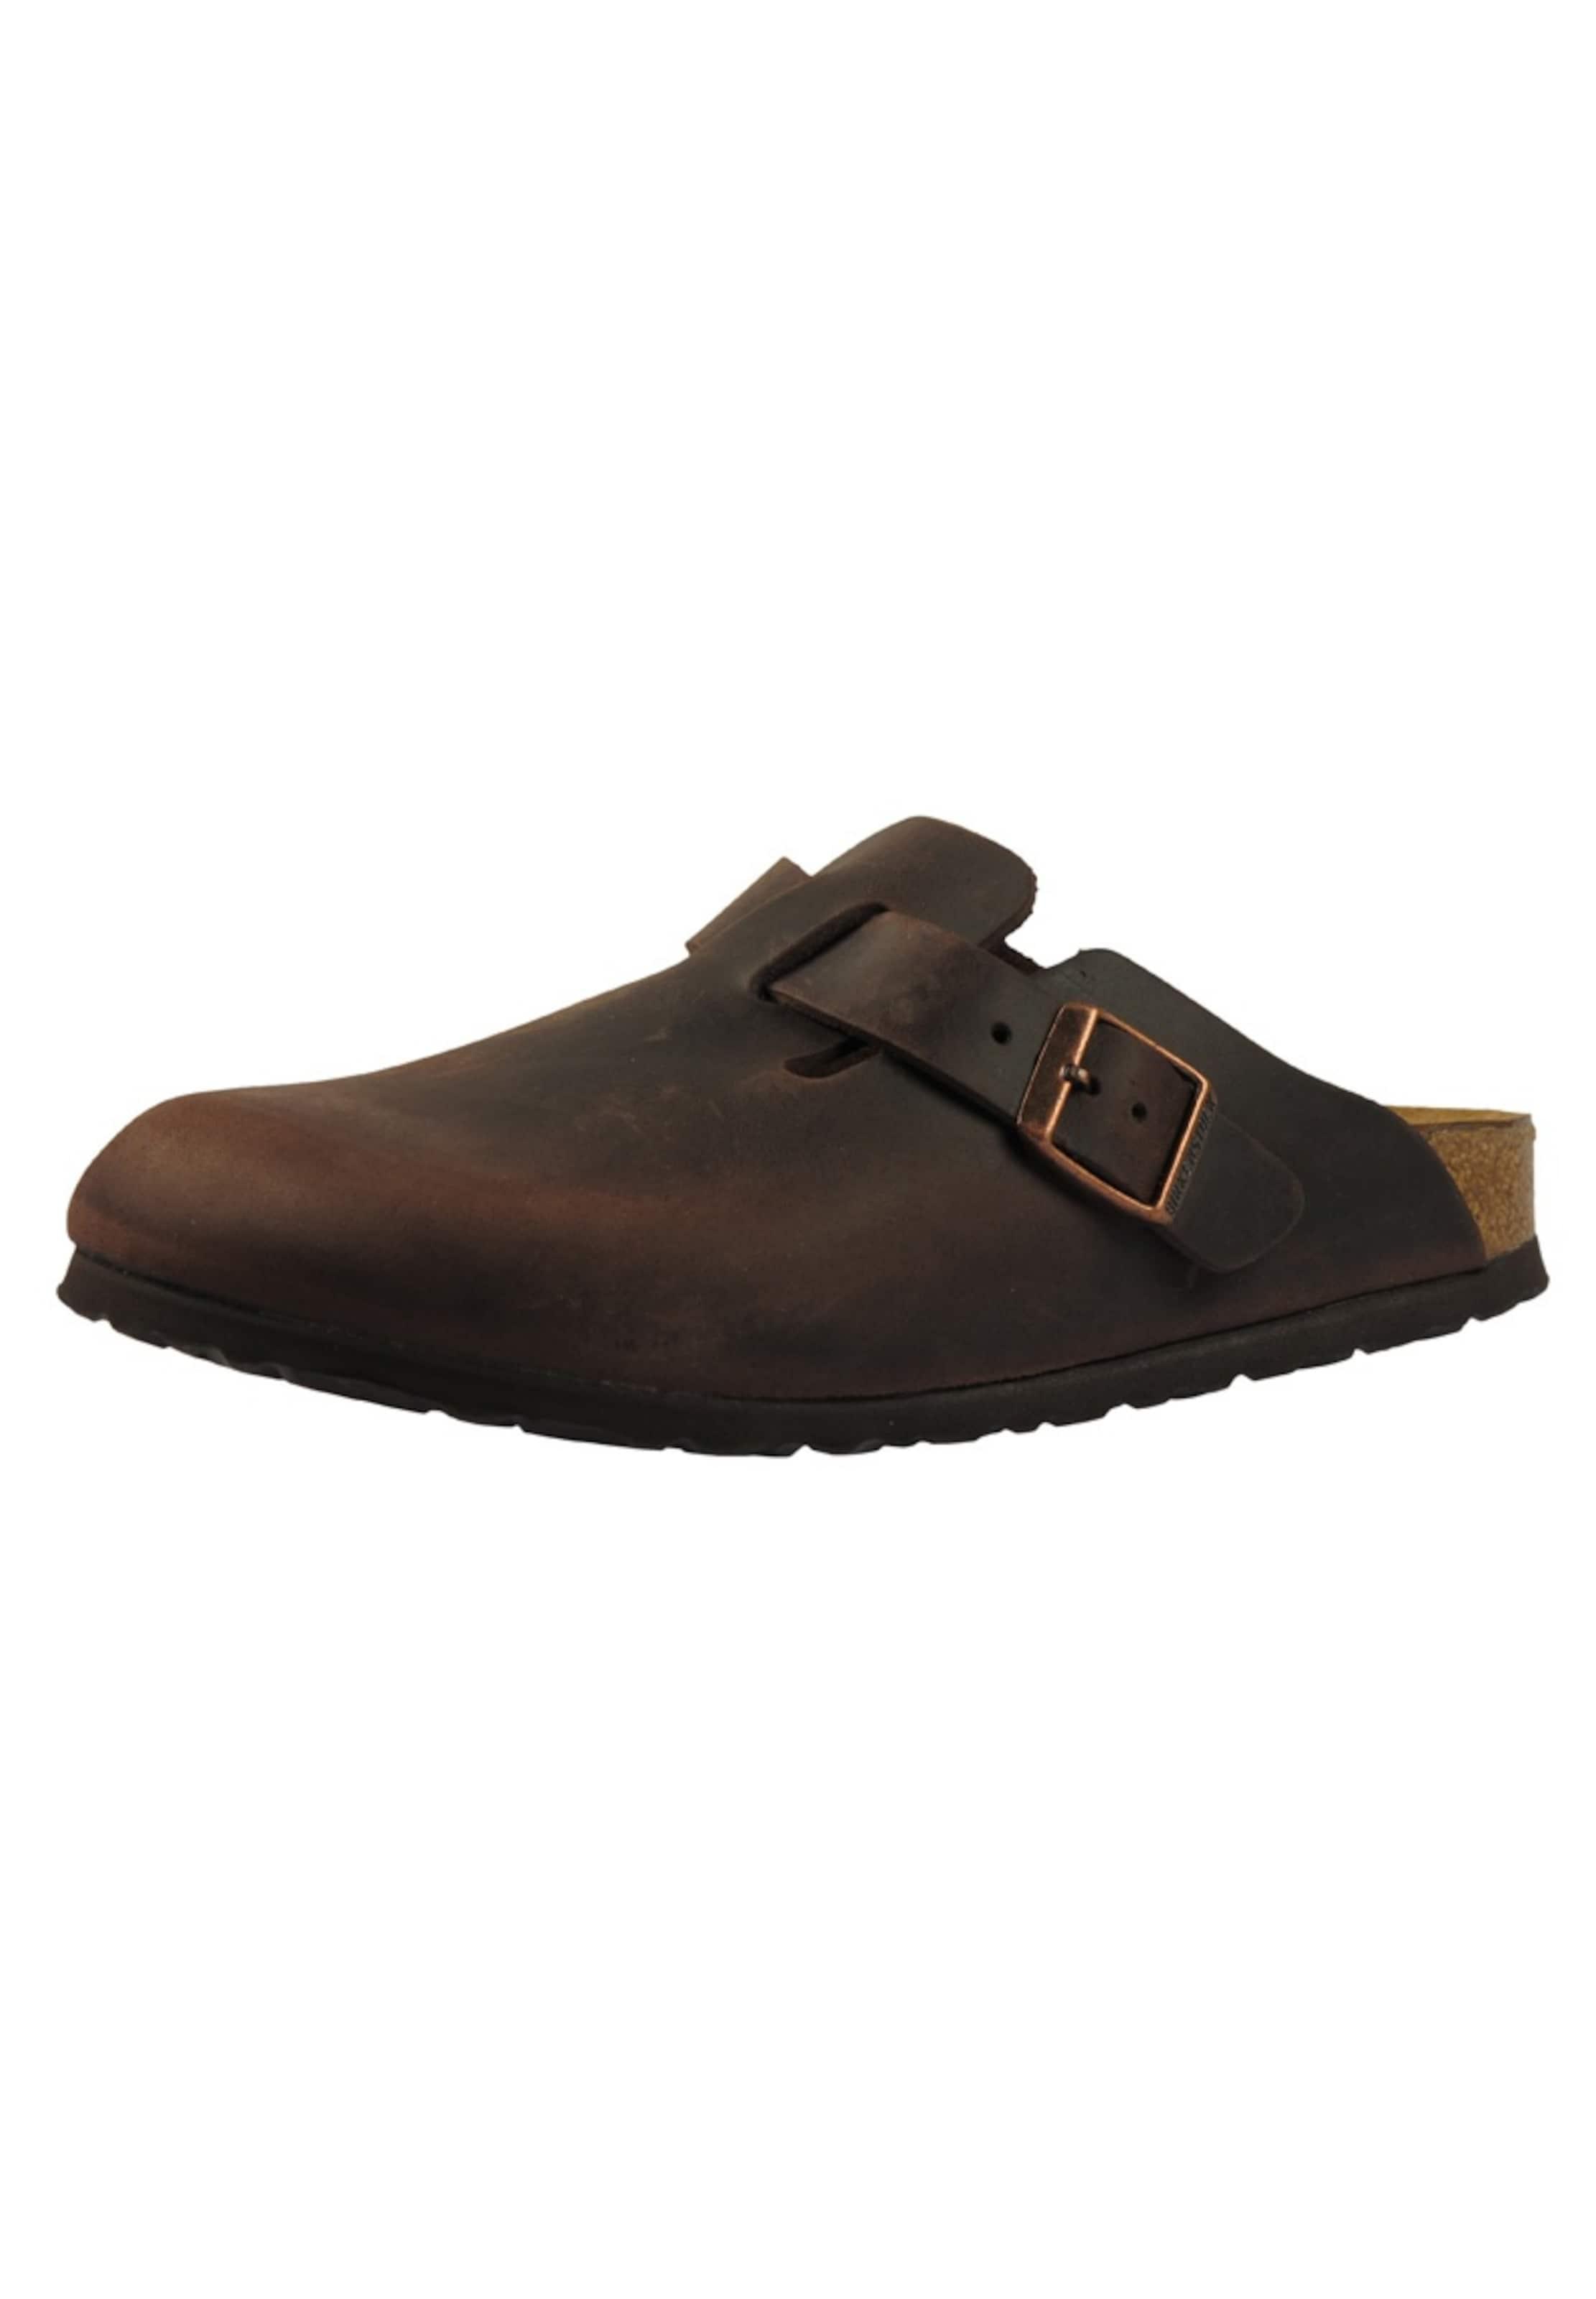 BIRKENSTOCK Clogs Boston Verschleißfeste billige Schuhe